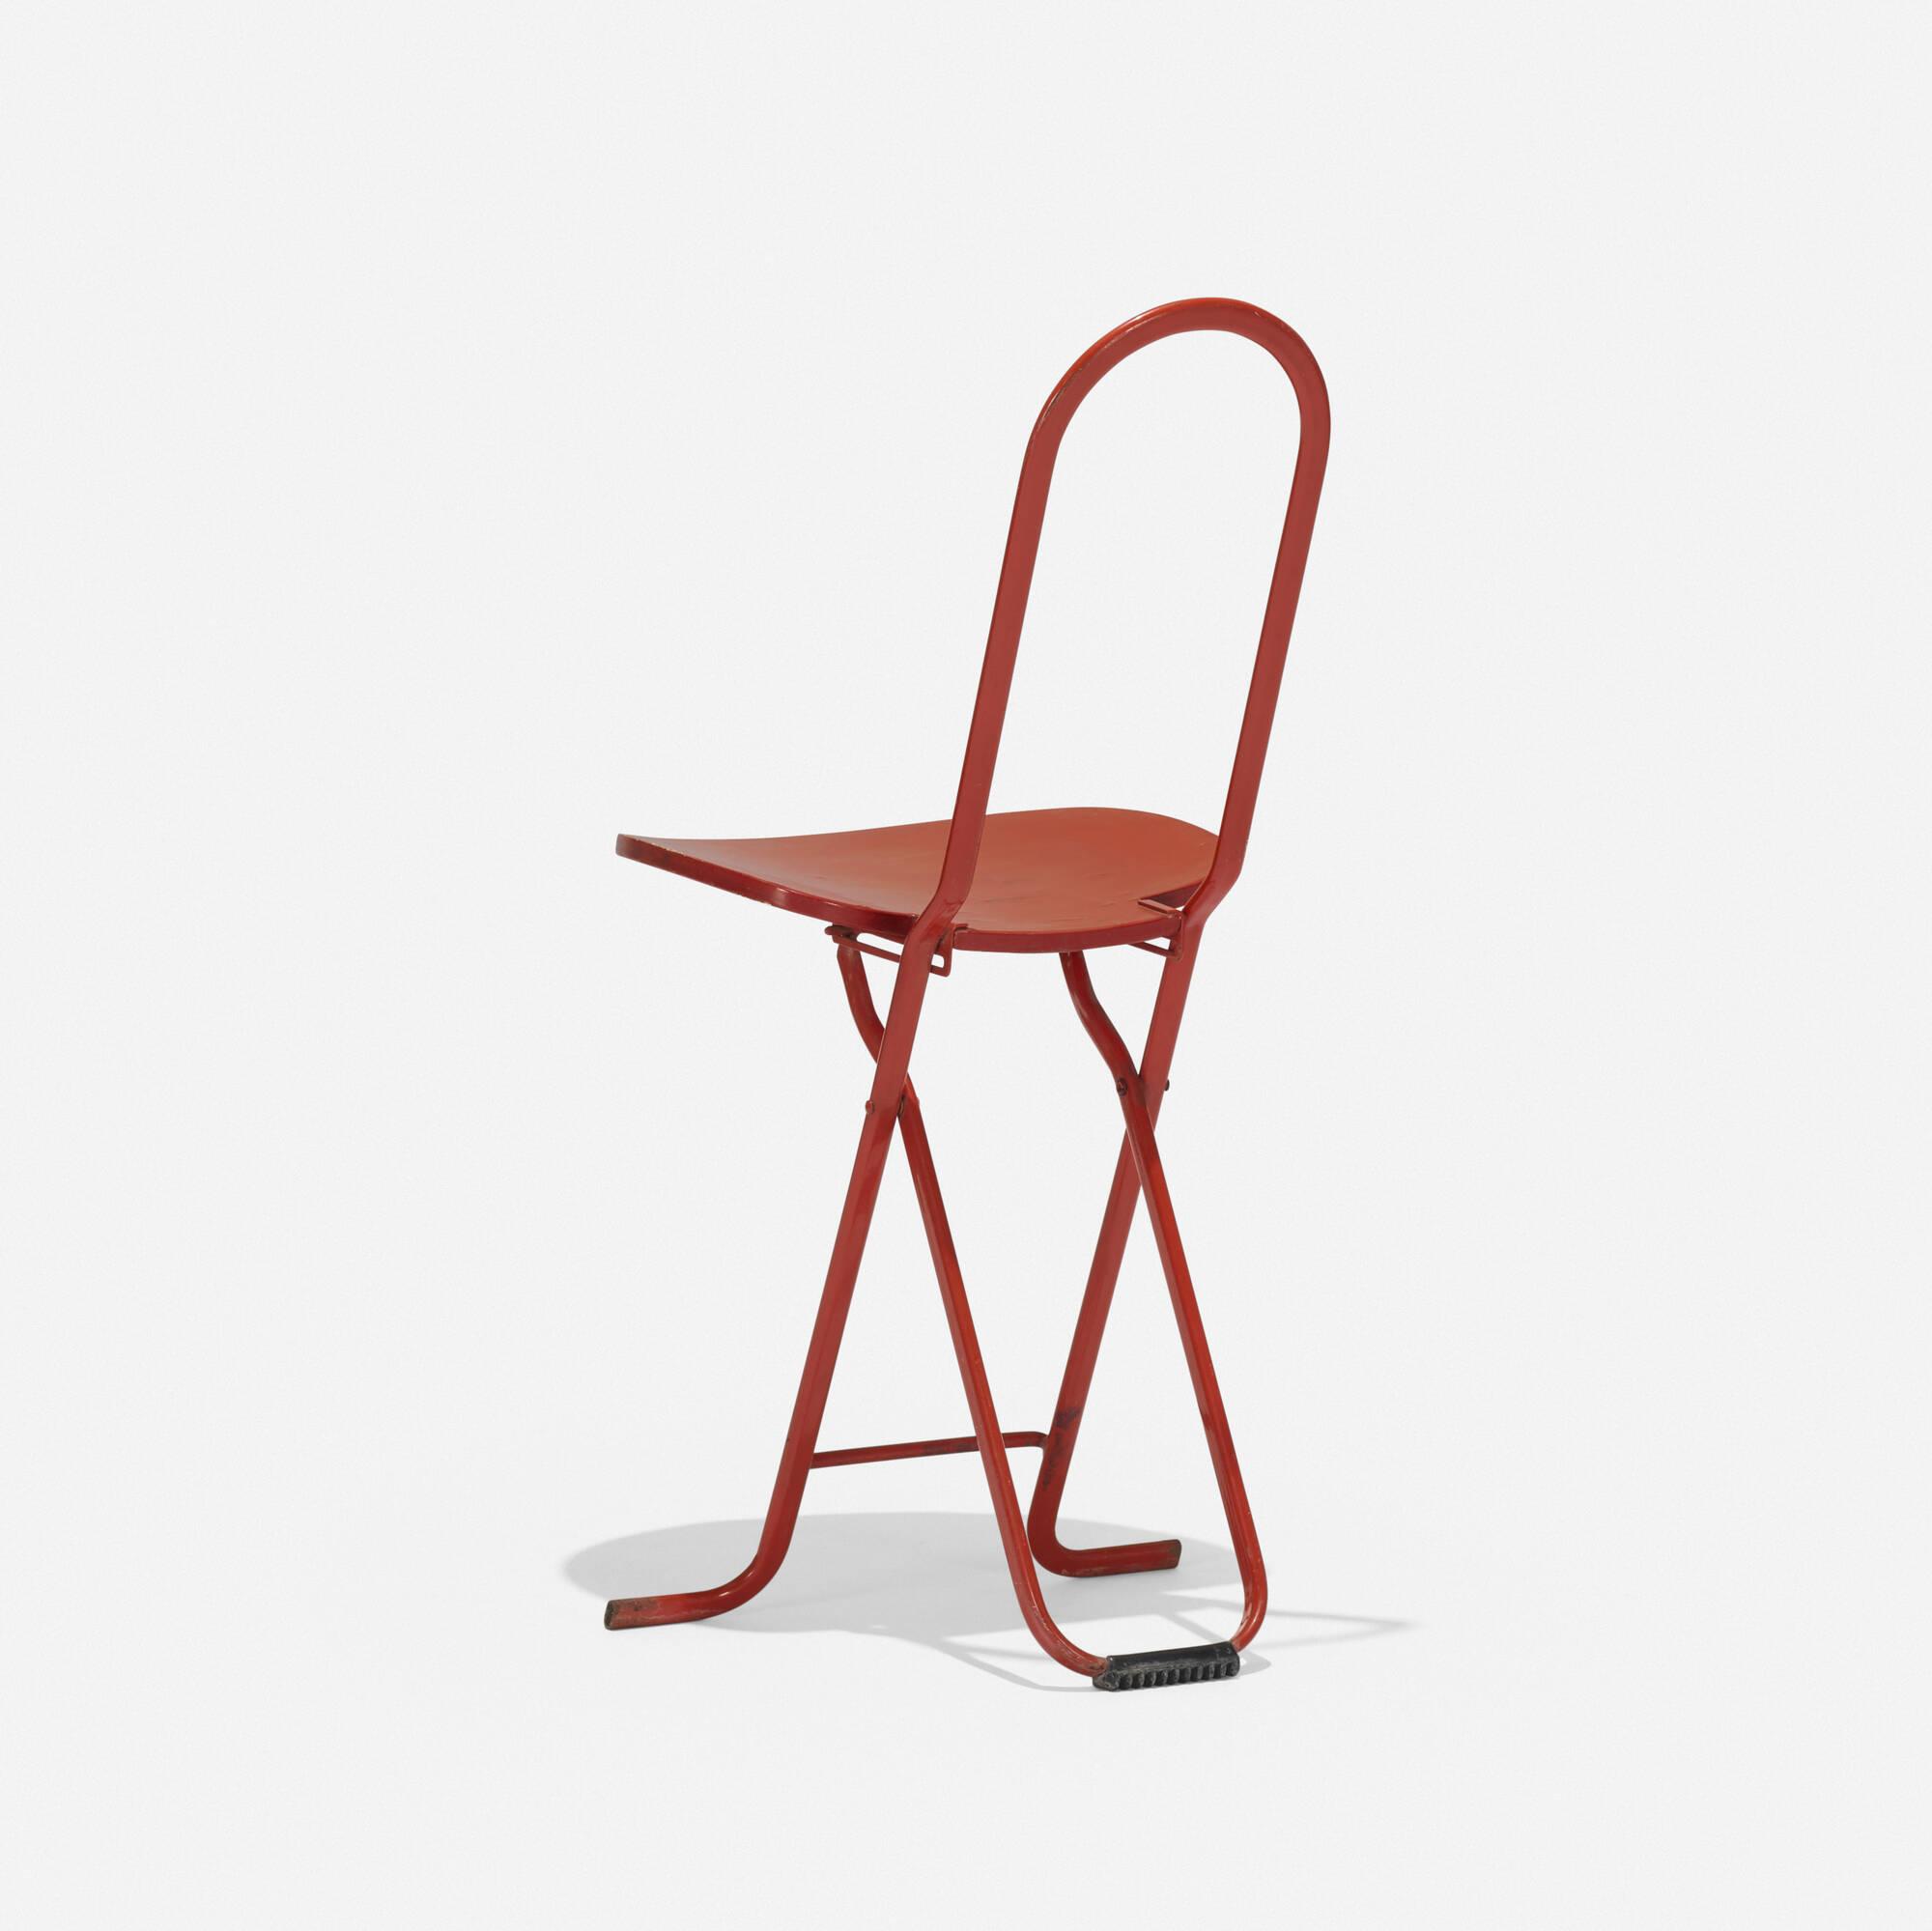 337: Gastone Rinaldi / Dafne folding chair (1 of 3)